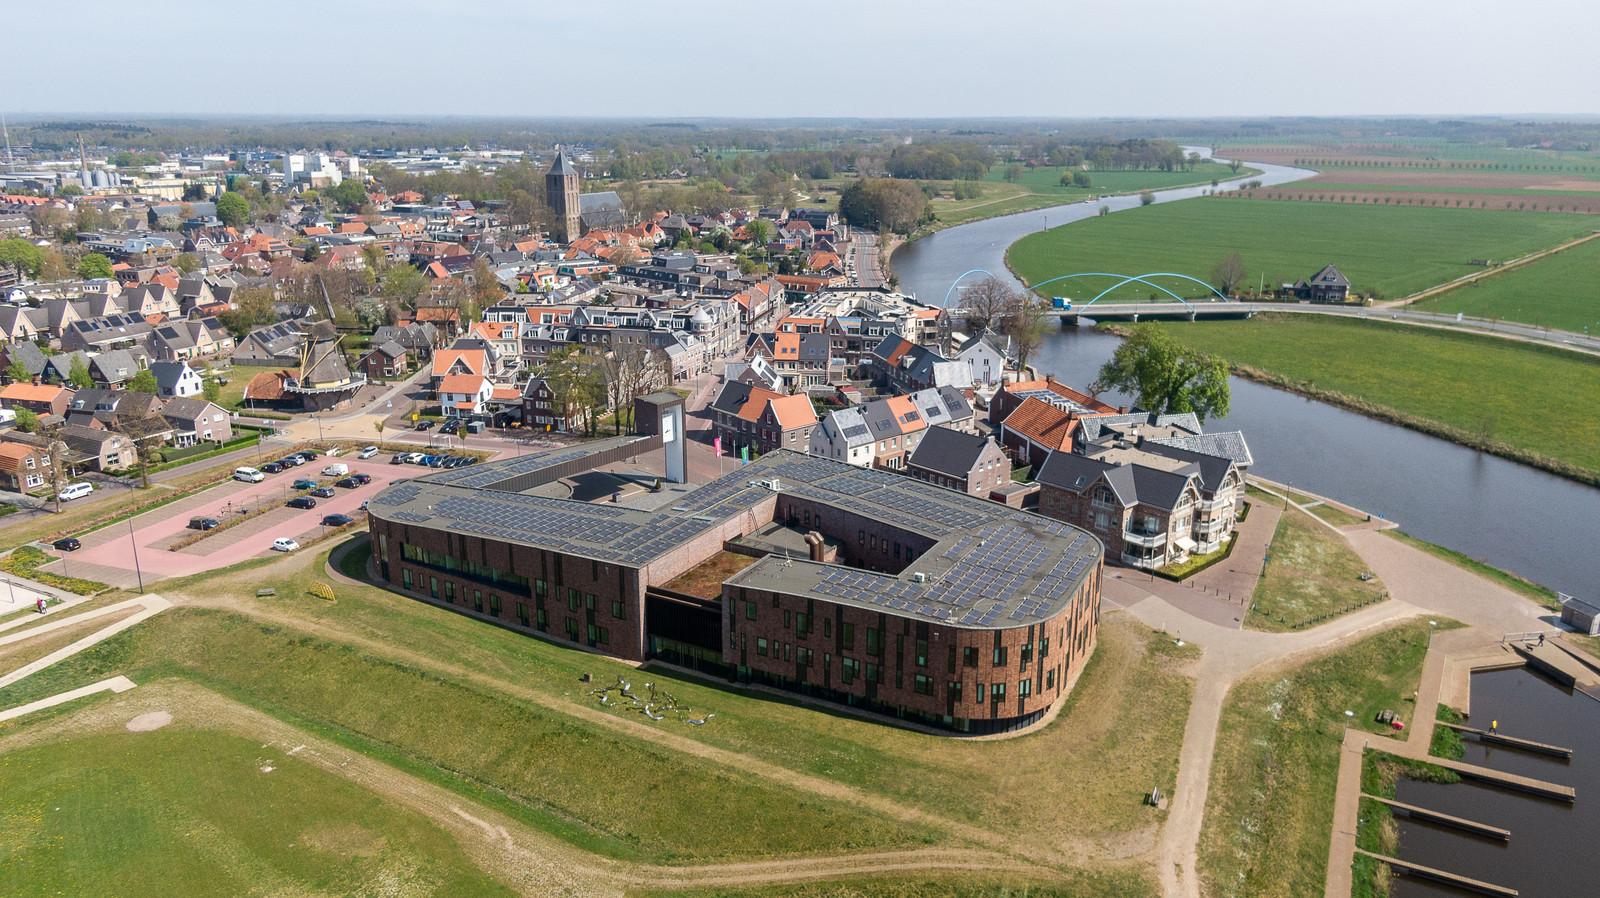 De dorpskern van Dalfsen met op de voorgrond het gemeentehuis.